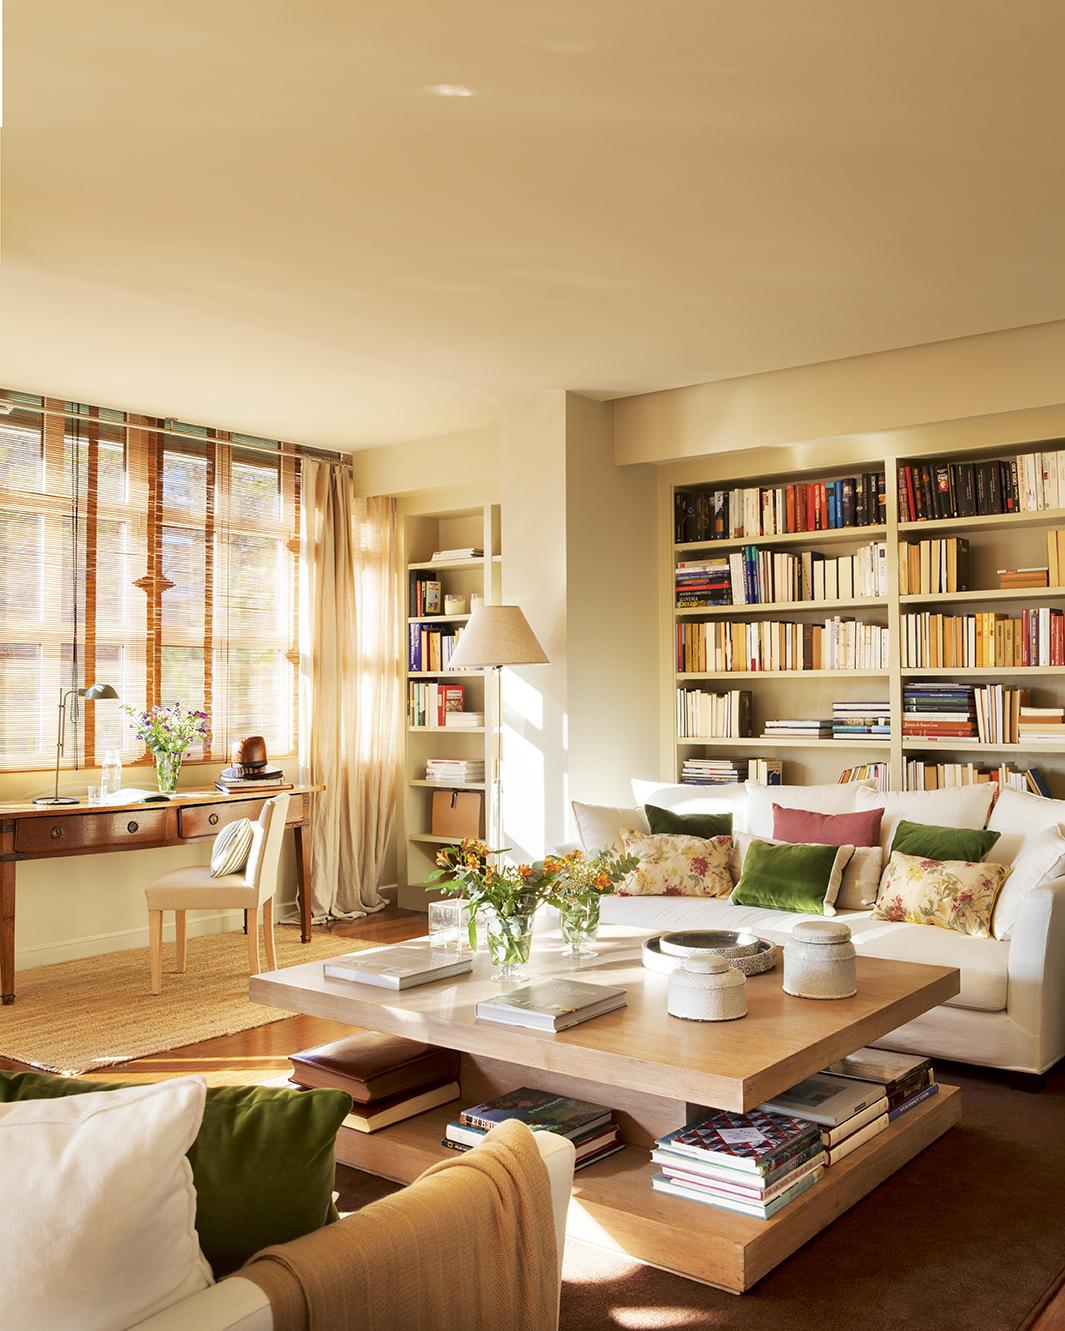 El mercader de venecia barcelona stunning una casa llena for El mercader de venecia muebles